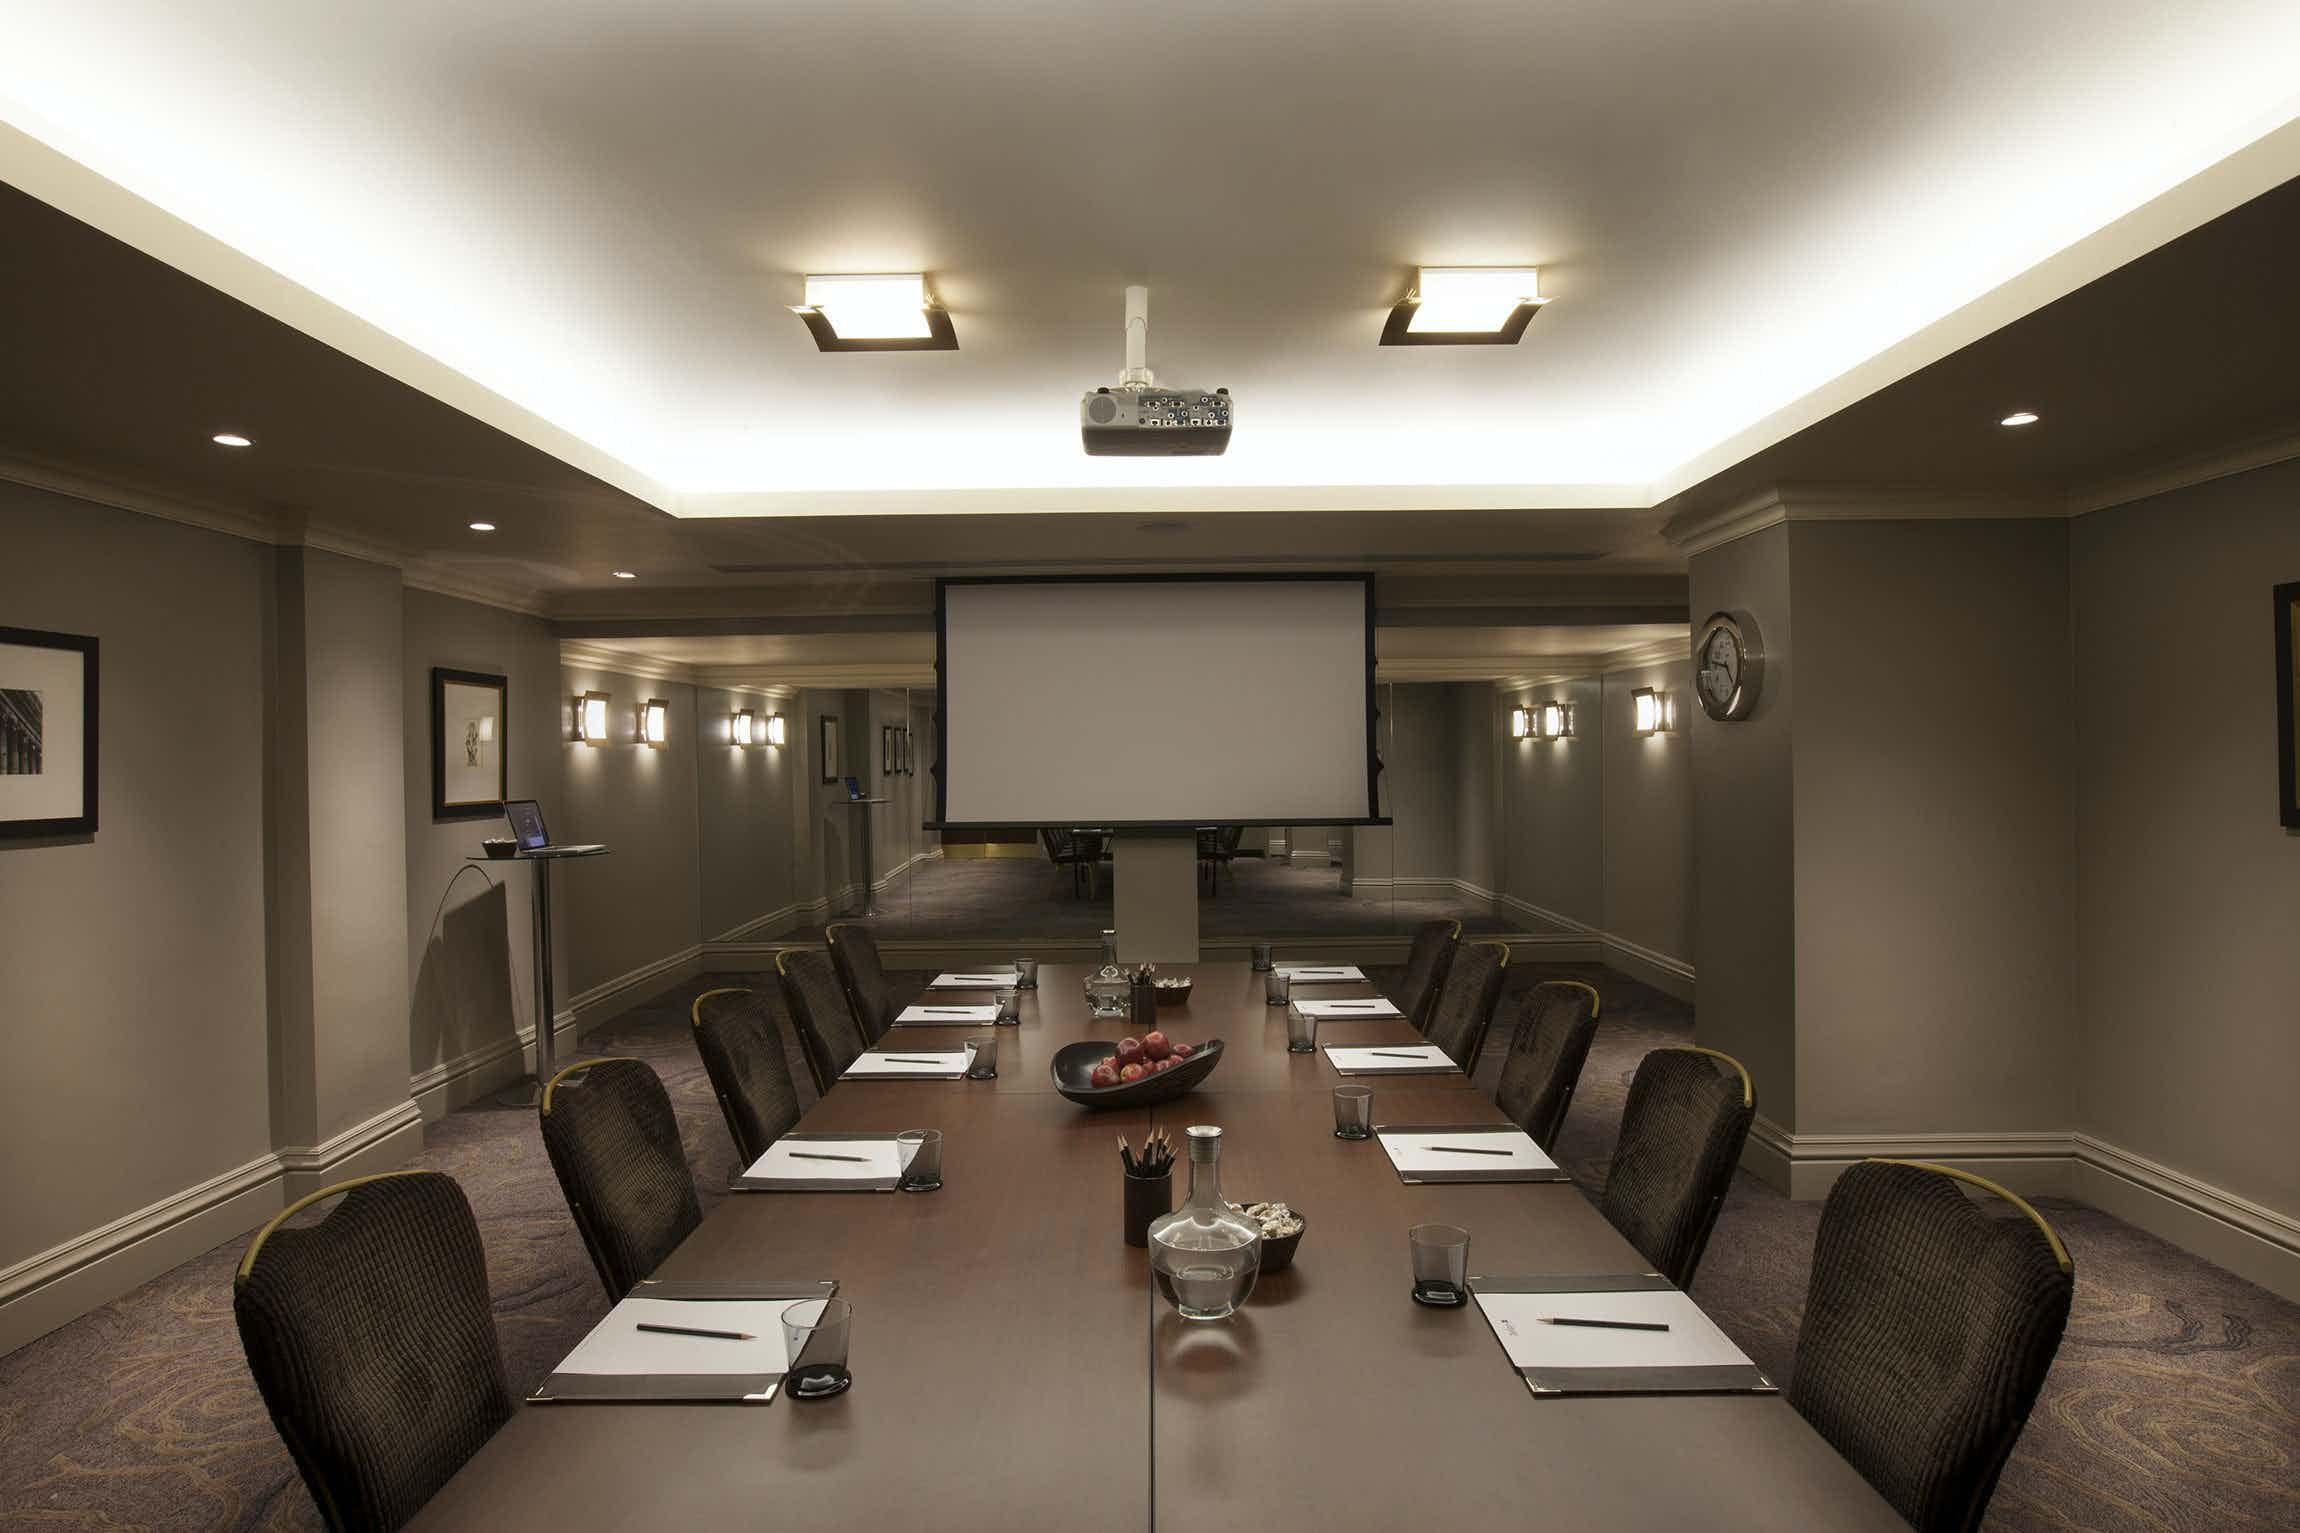 Private Room 4, Radisson Blu Edwardian, Vanderbilt